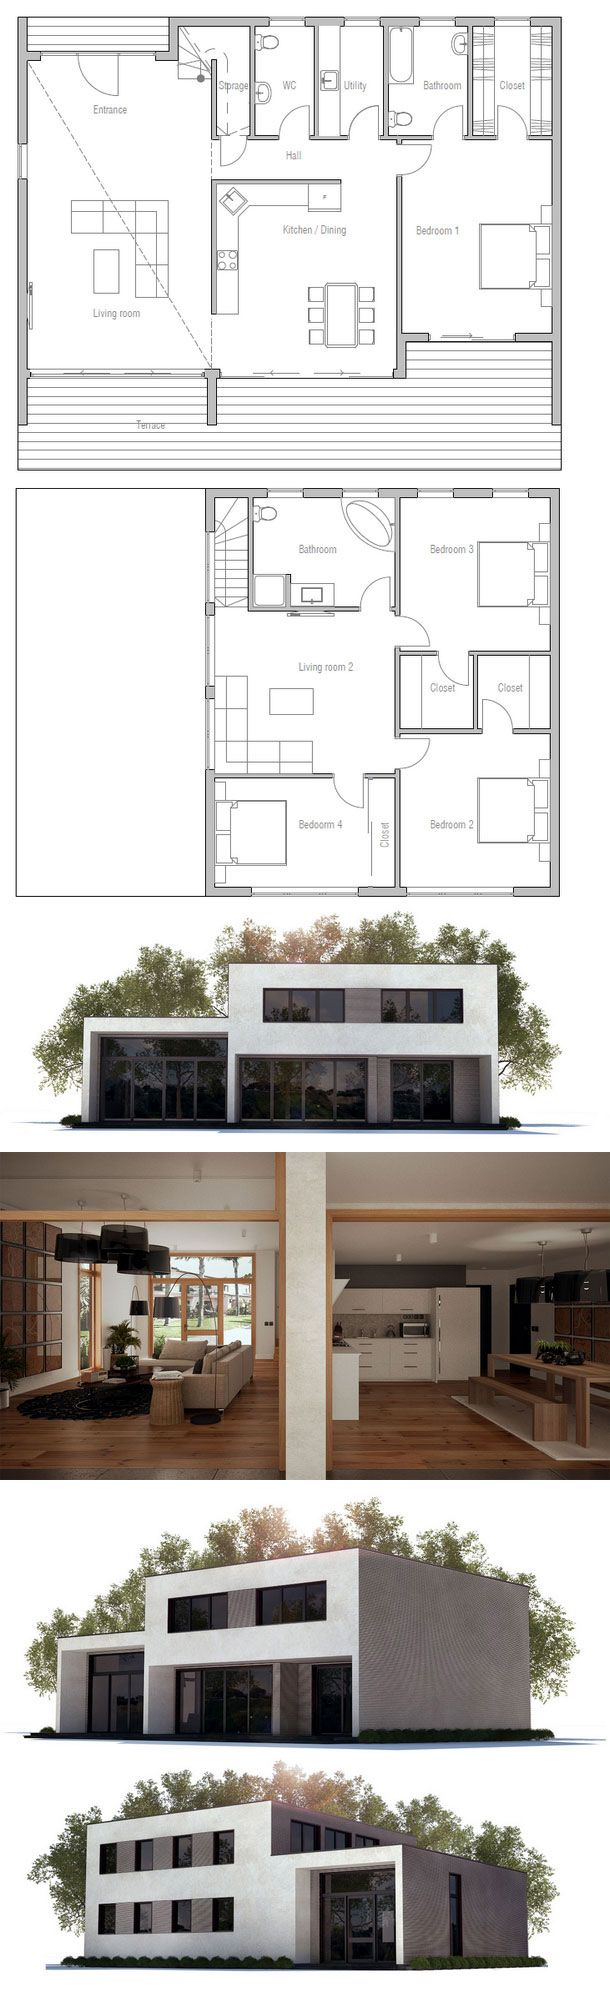 les 25 meilleures id es de la cat gorie plan maison etage. Black Bedroom Furniture Sets. Home Design Ideas